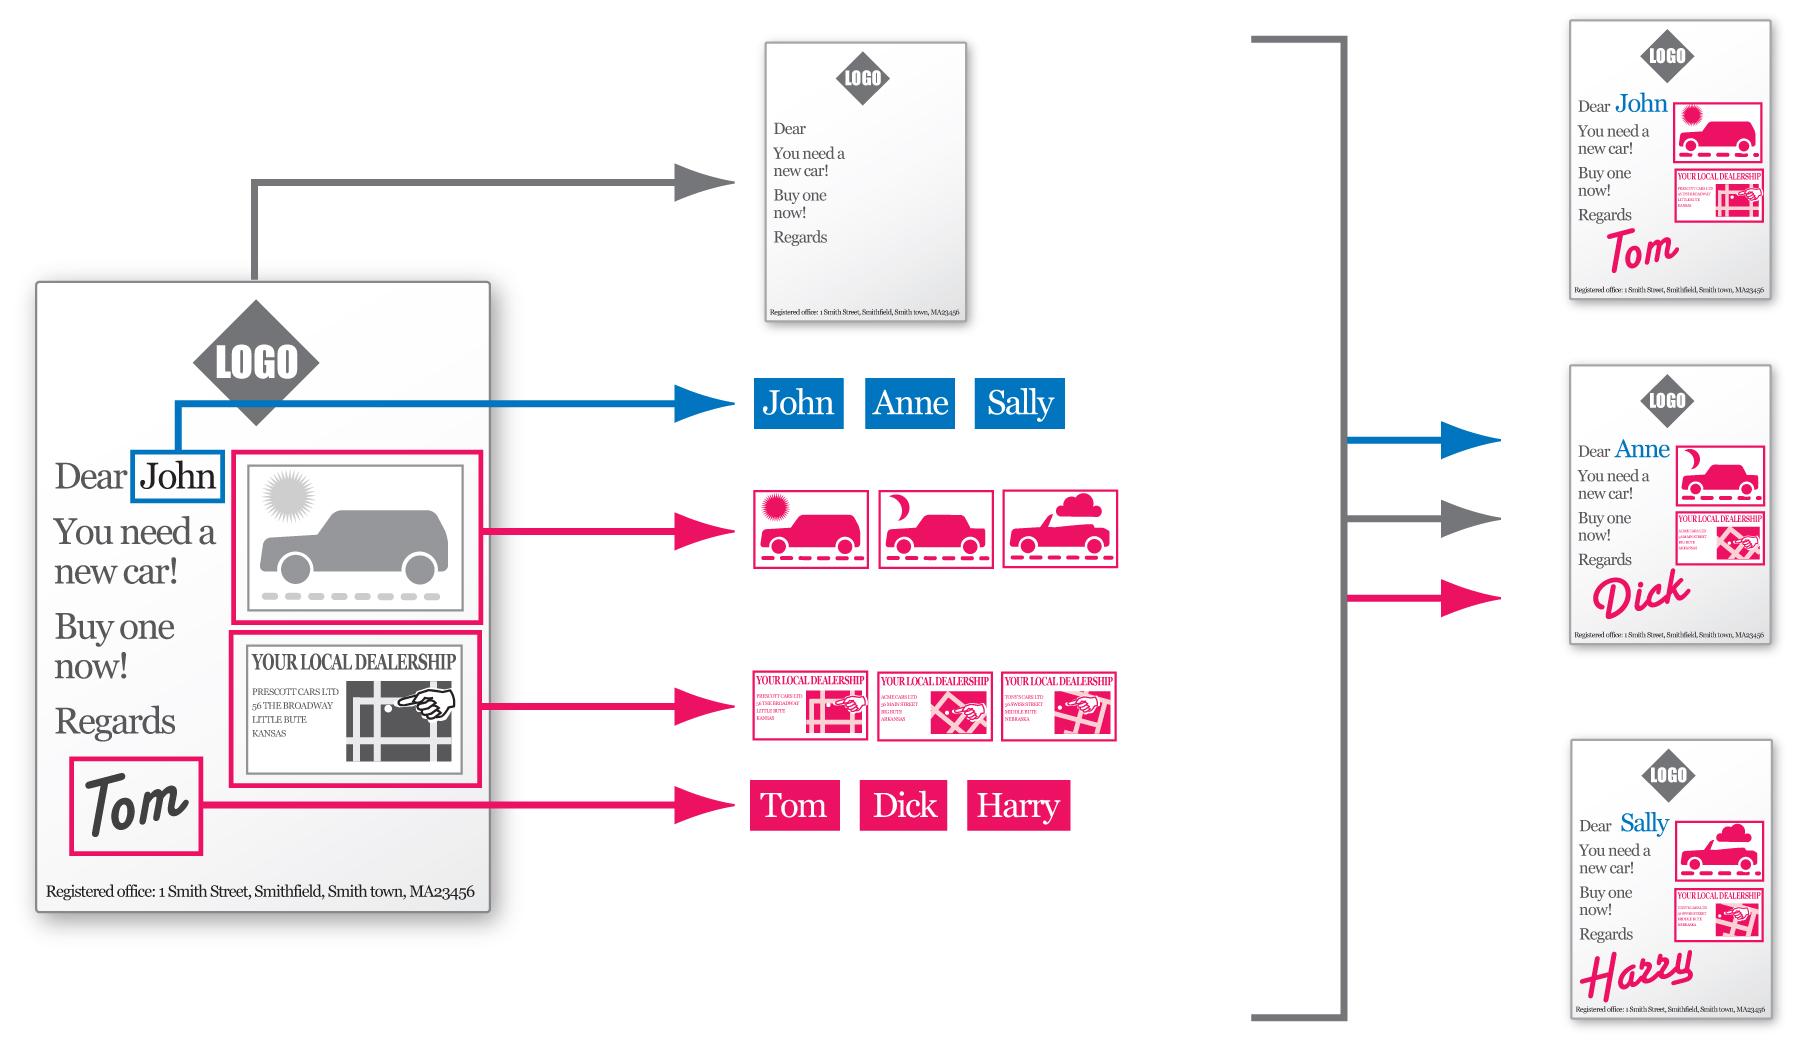 varidata-schematic.jpg